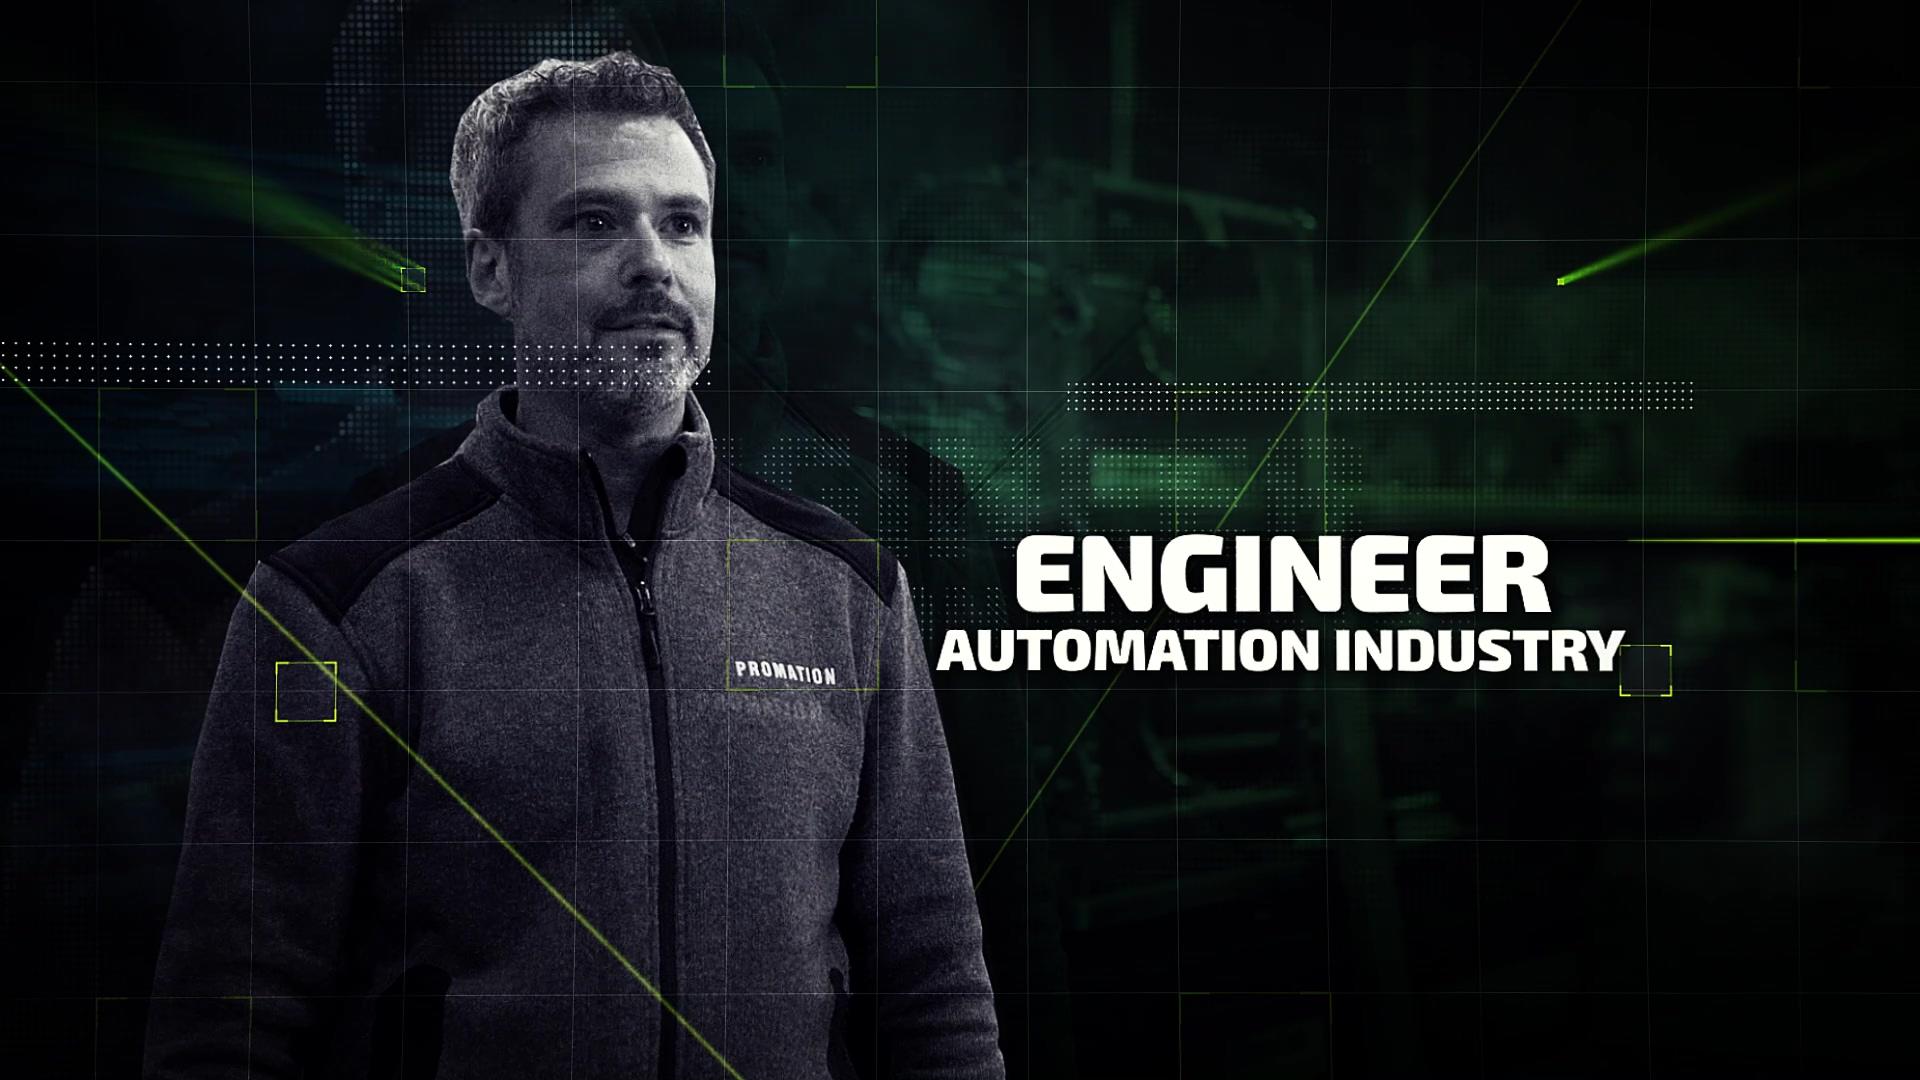 2021-19-07b_SKR_Automation_Engineer_Darryl_Spector_Promation_V2_JB